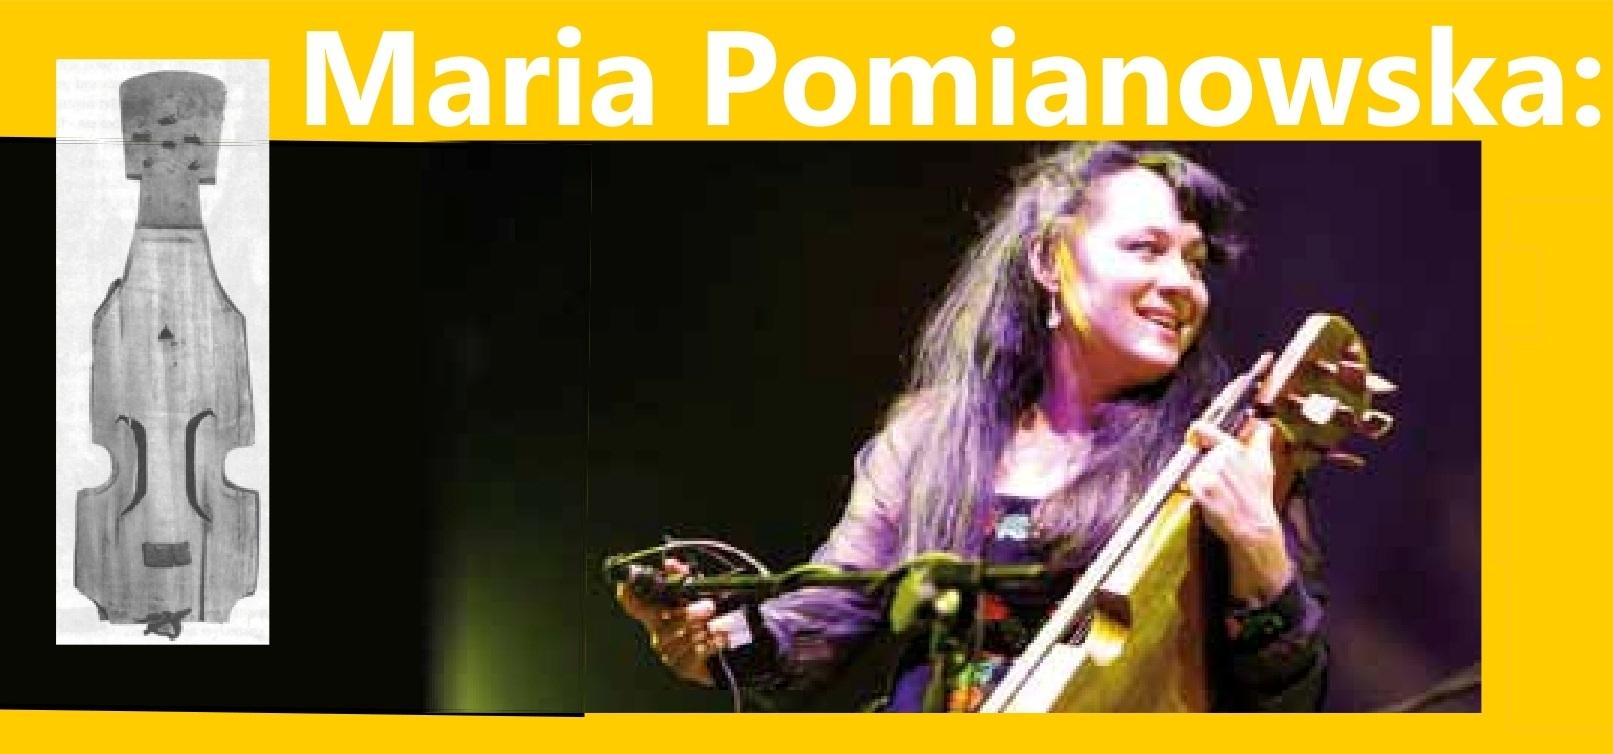 Maria Pomianowska (źródło: materiały prasowe organizatora)